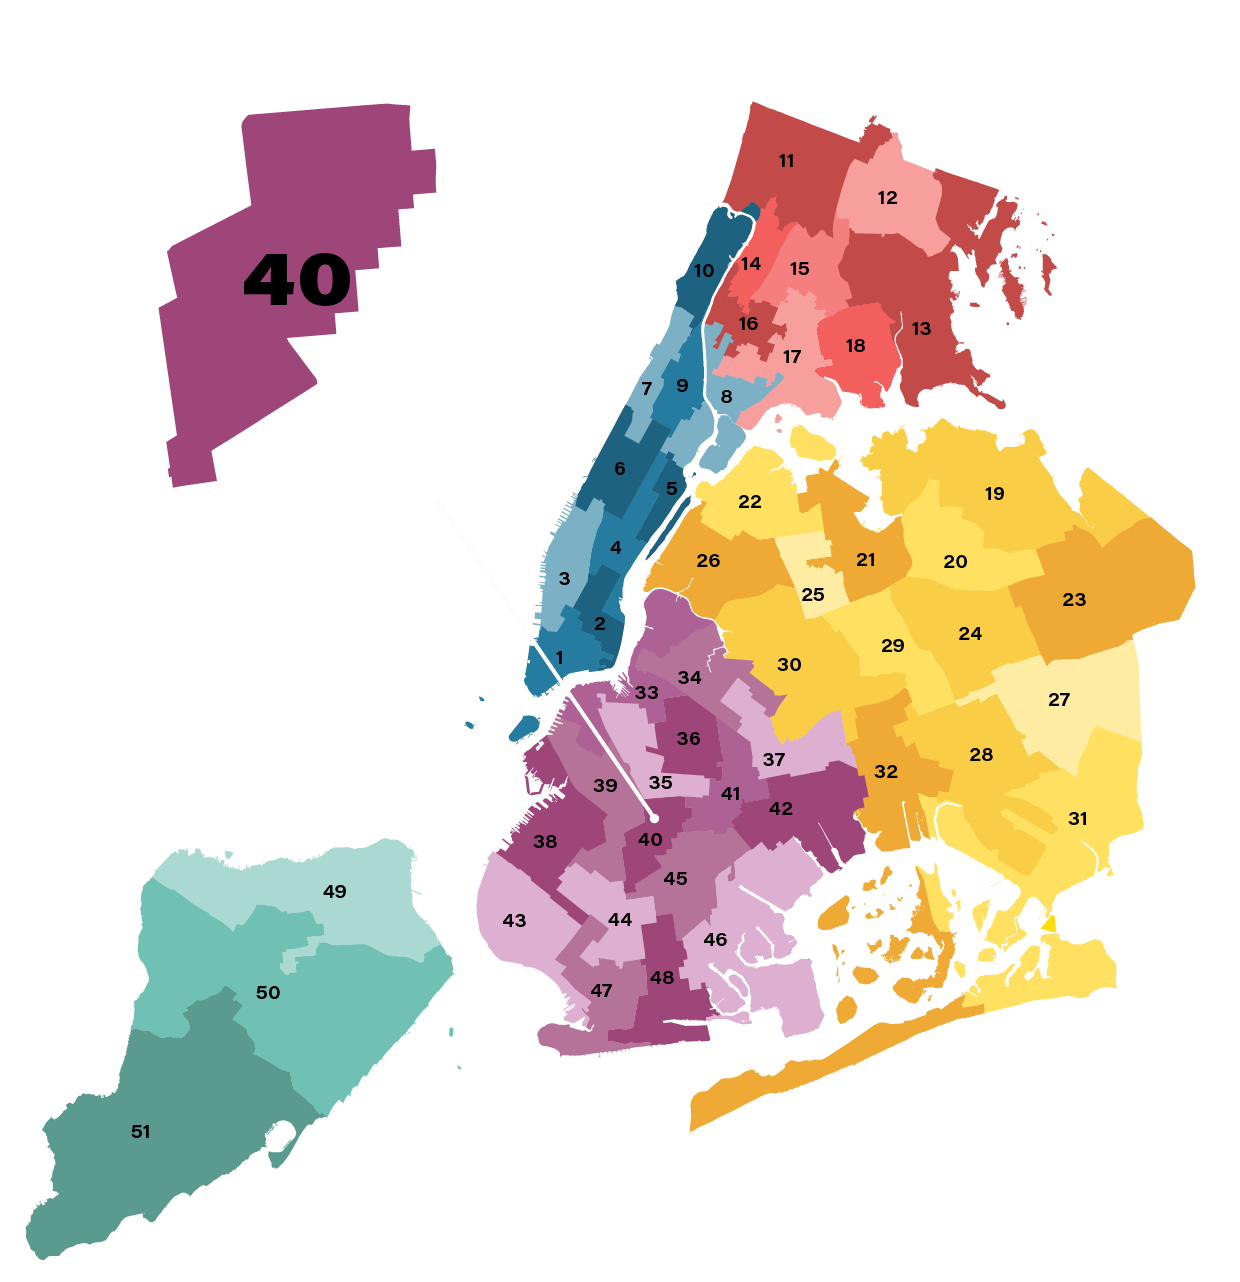 City Council District 40